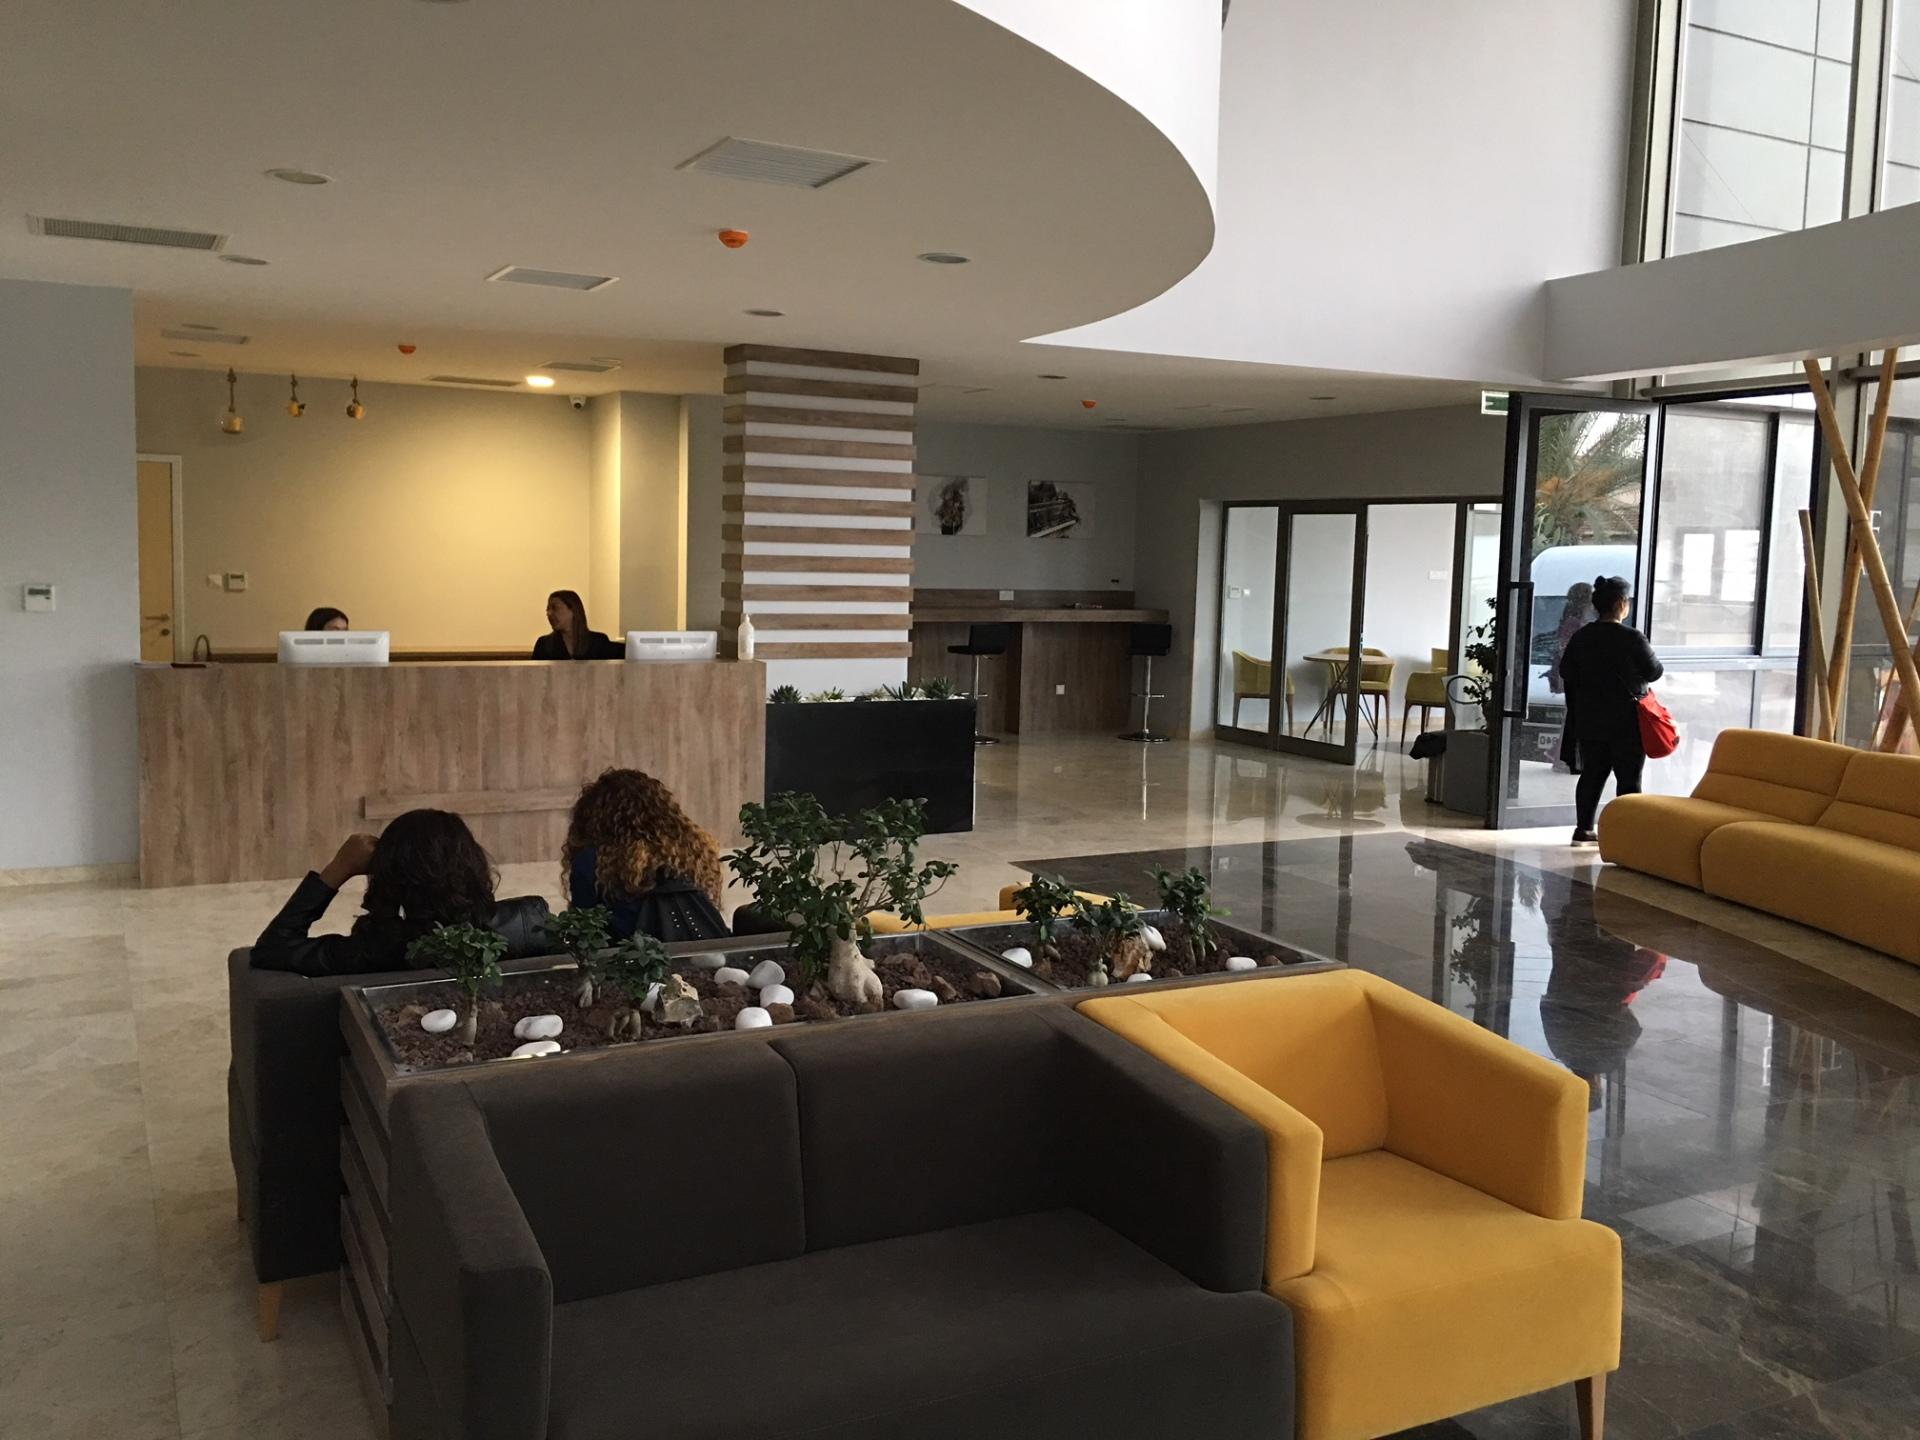 Doç. Dr. Savaş Özyiğit'in yeni hastanesi Elite Hospital, Kıbrıs Tüp Bebek Merkezi hizmete girdi